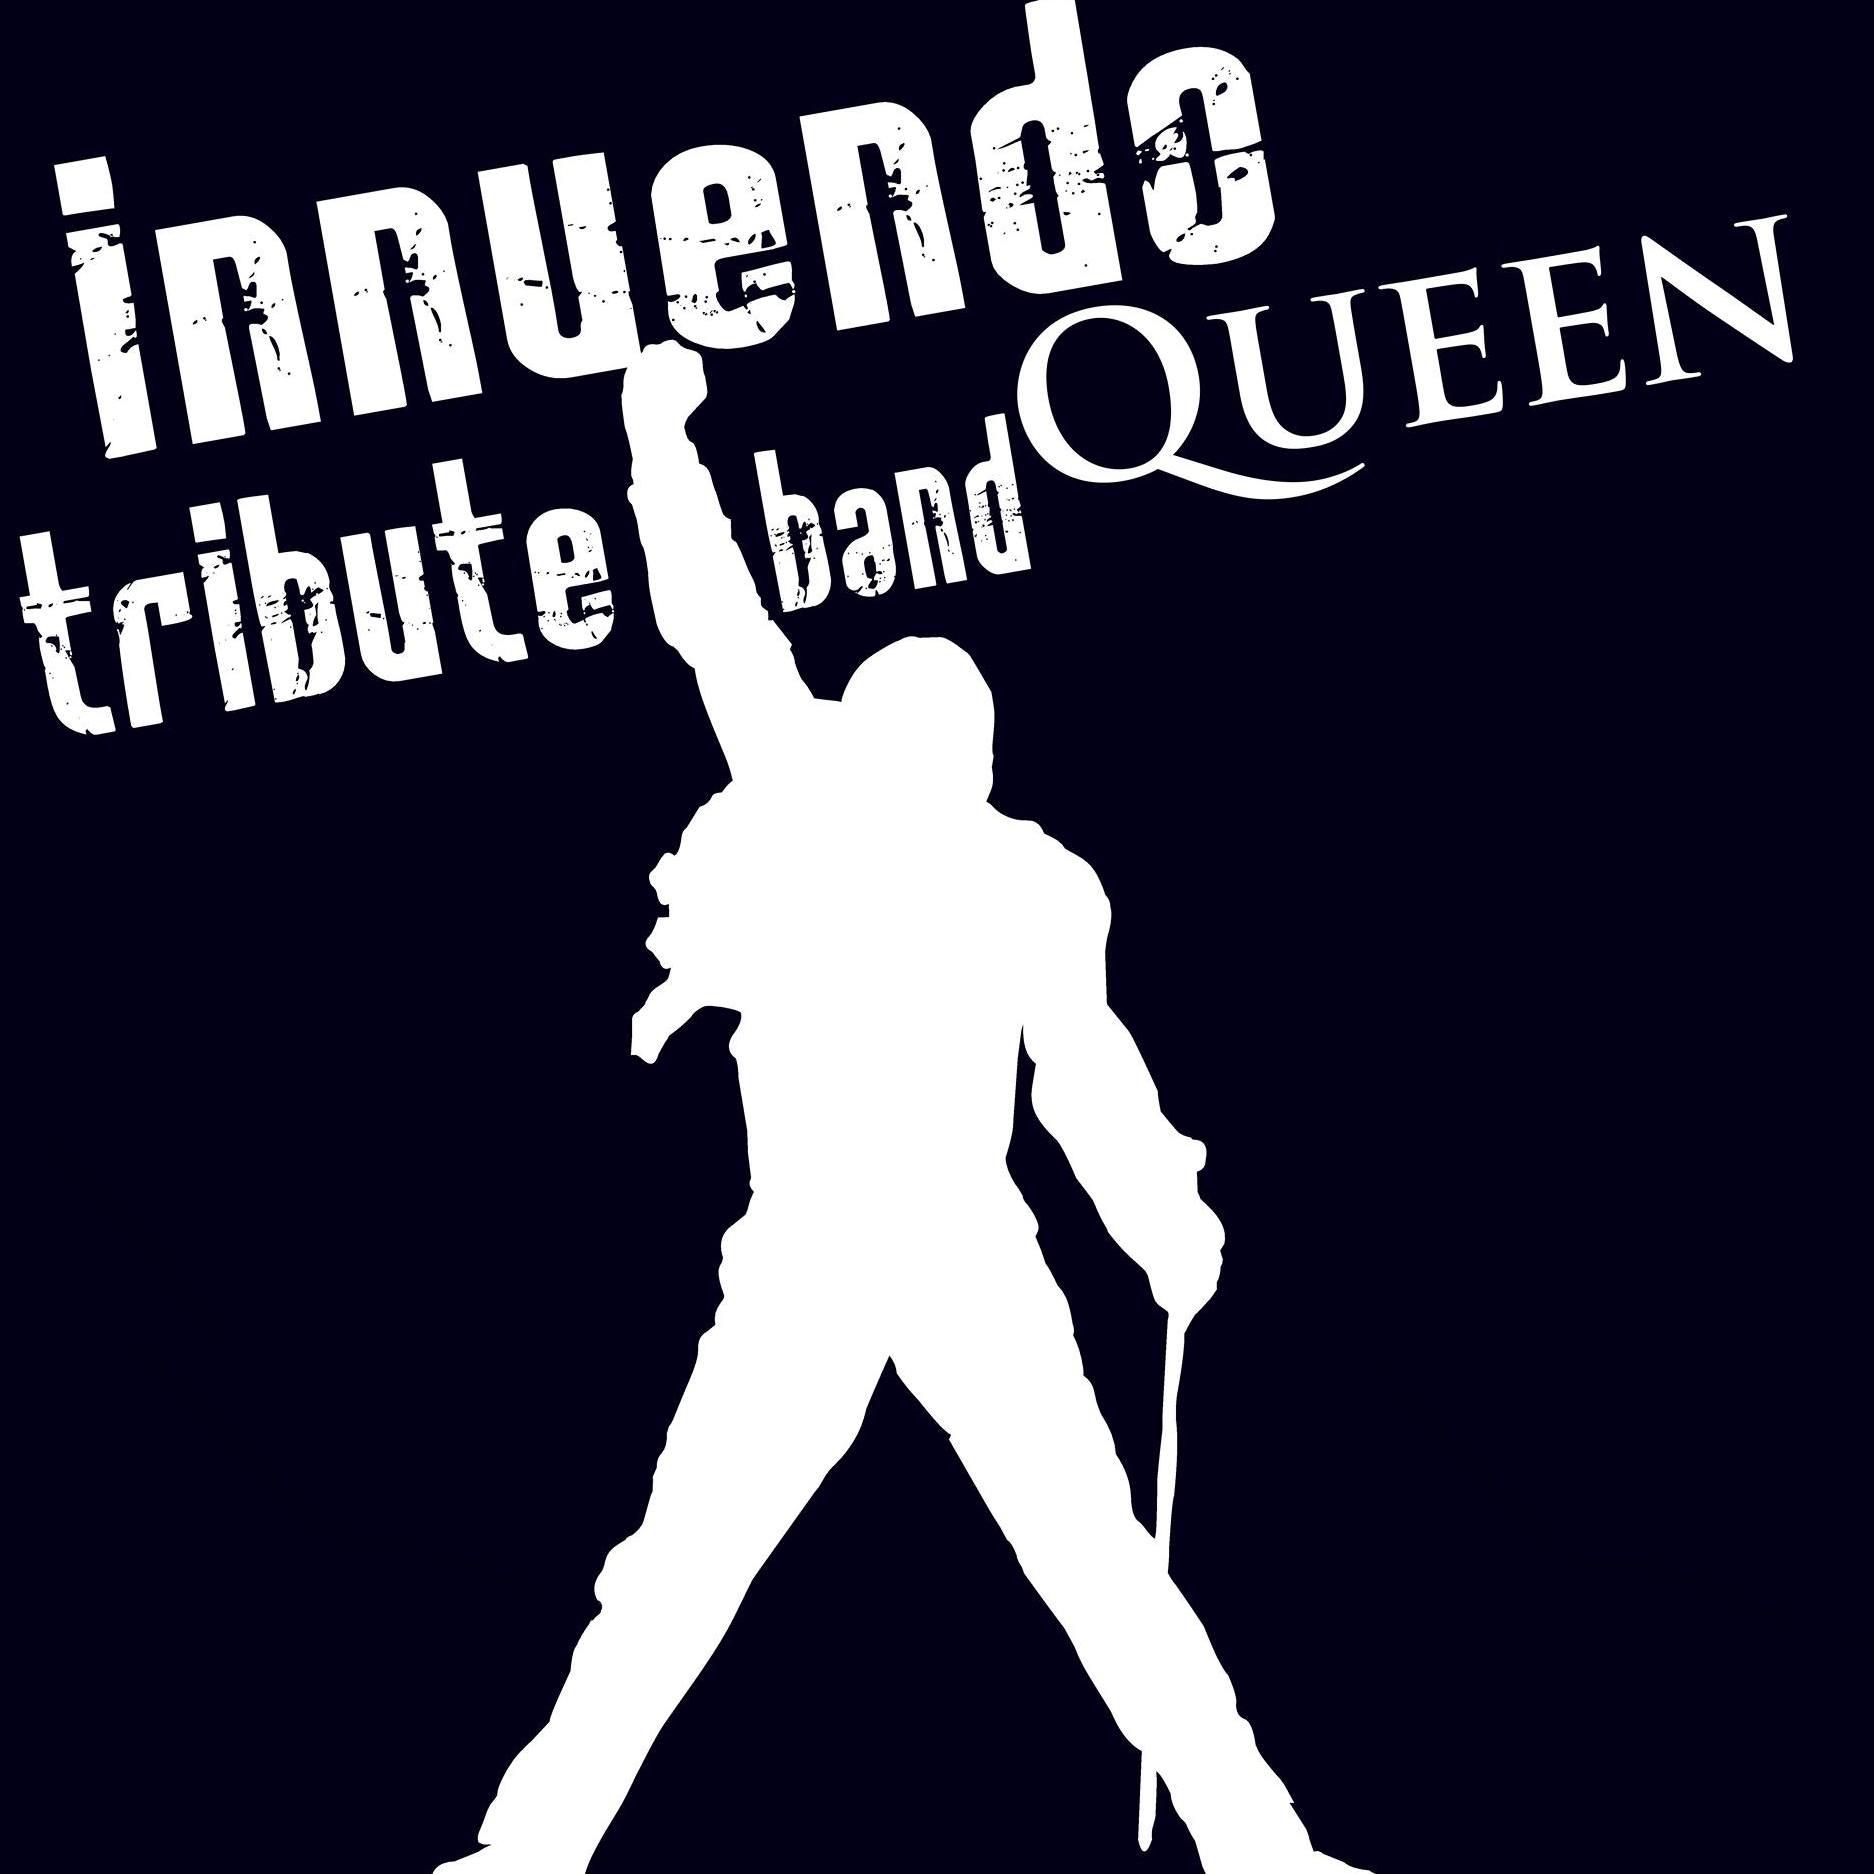 innuendo Queen Tribute